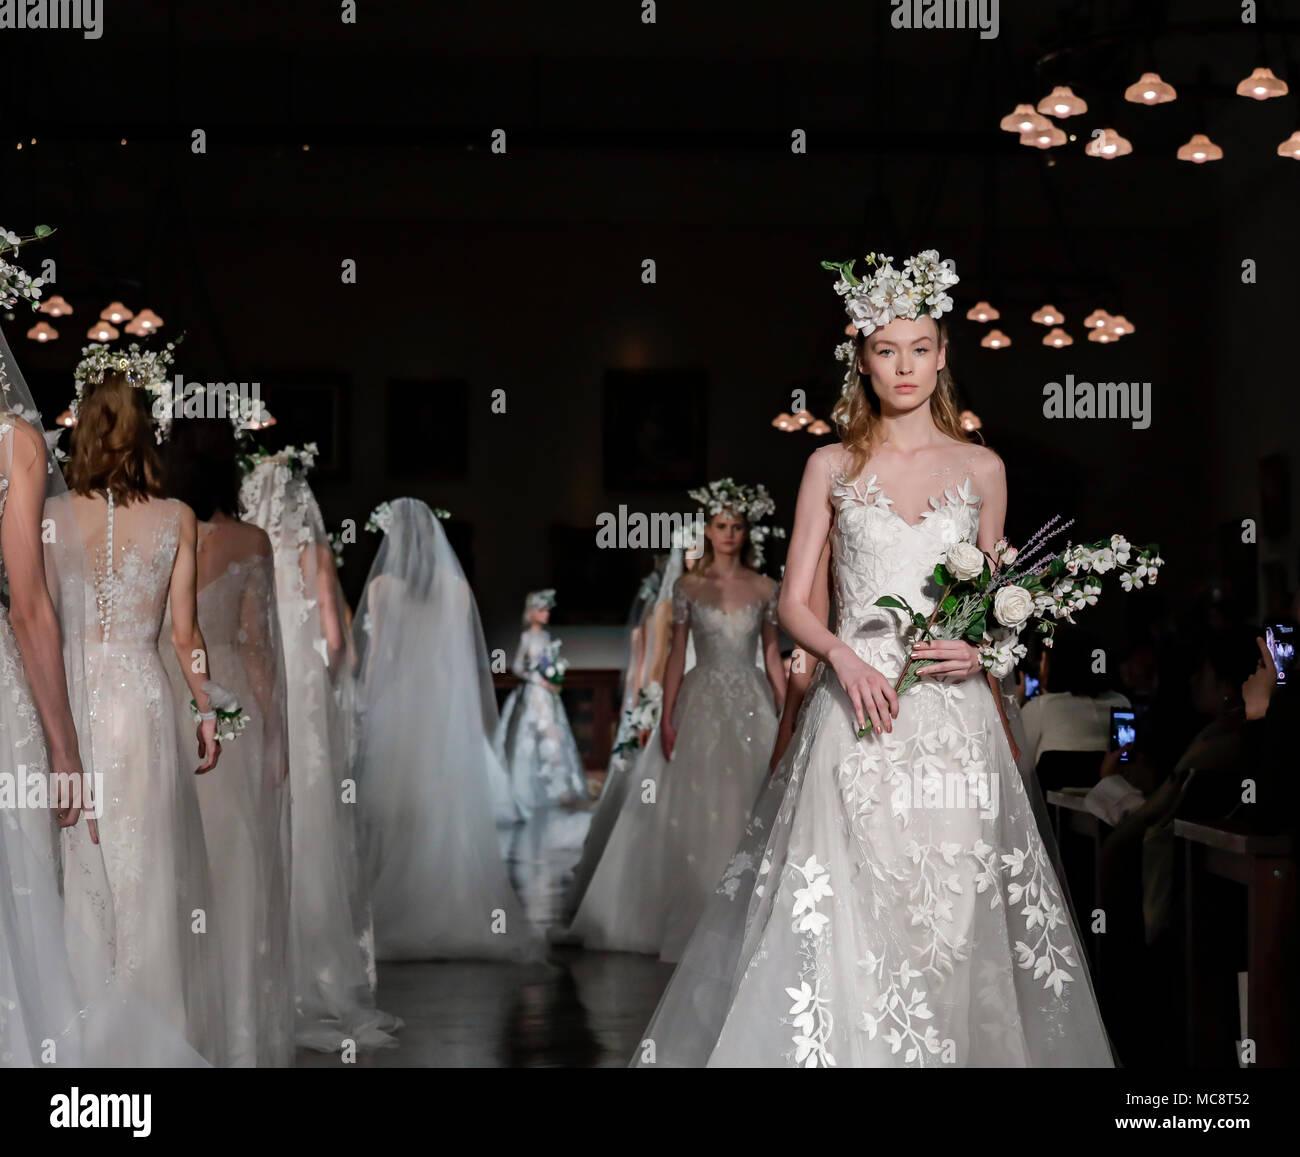 New York, NY, USA - April 12, 2018: Models walk runway for Reem Acra Bridal Spring/Summer 2019 collection during NY Bridal Wweek at NY Public Library, - Stock Image